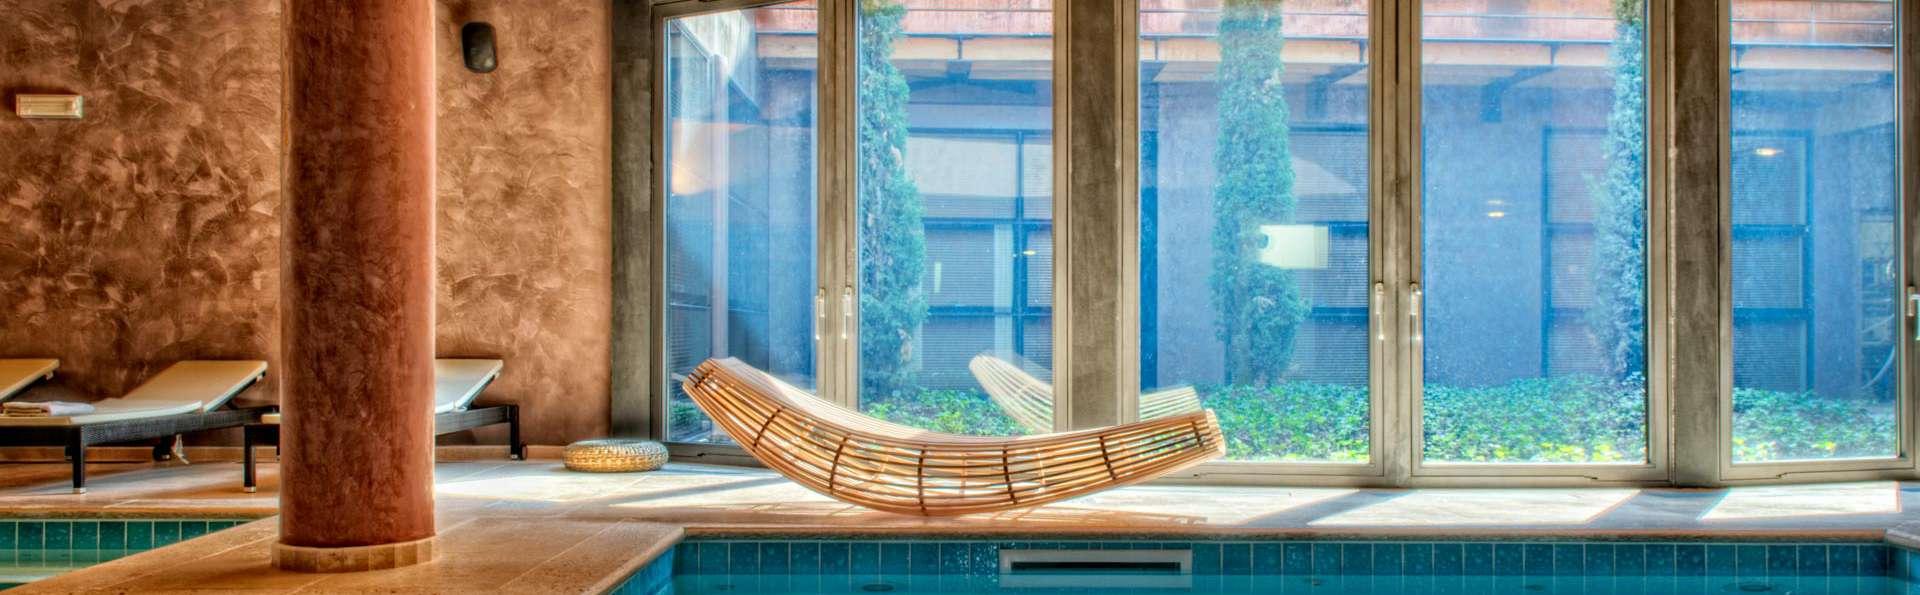 Bien-être à Vérone : séjour en suite avec accès au spa et surprises dans la chambre